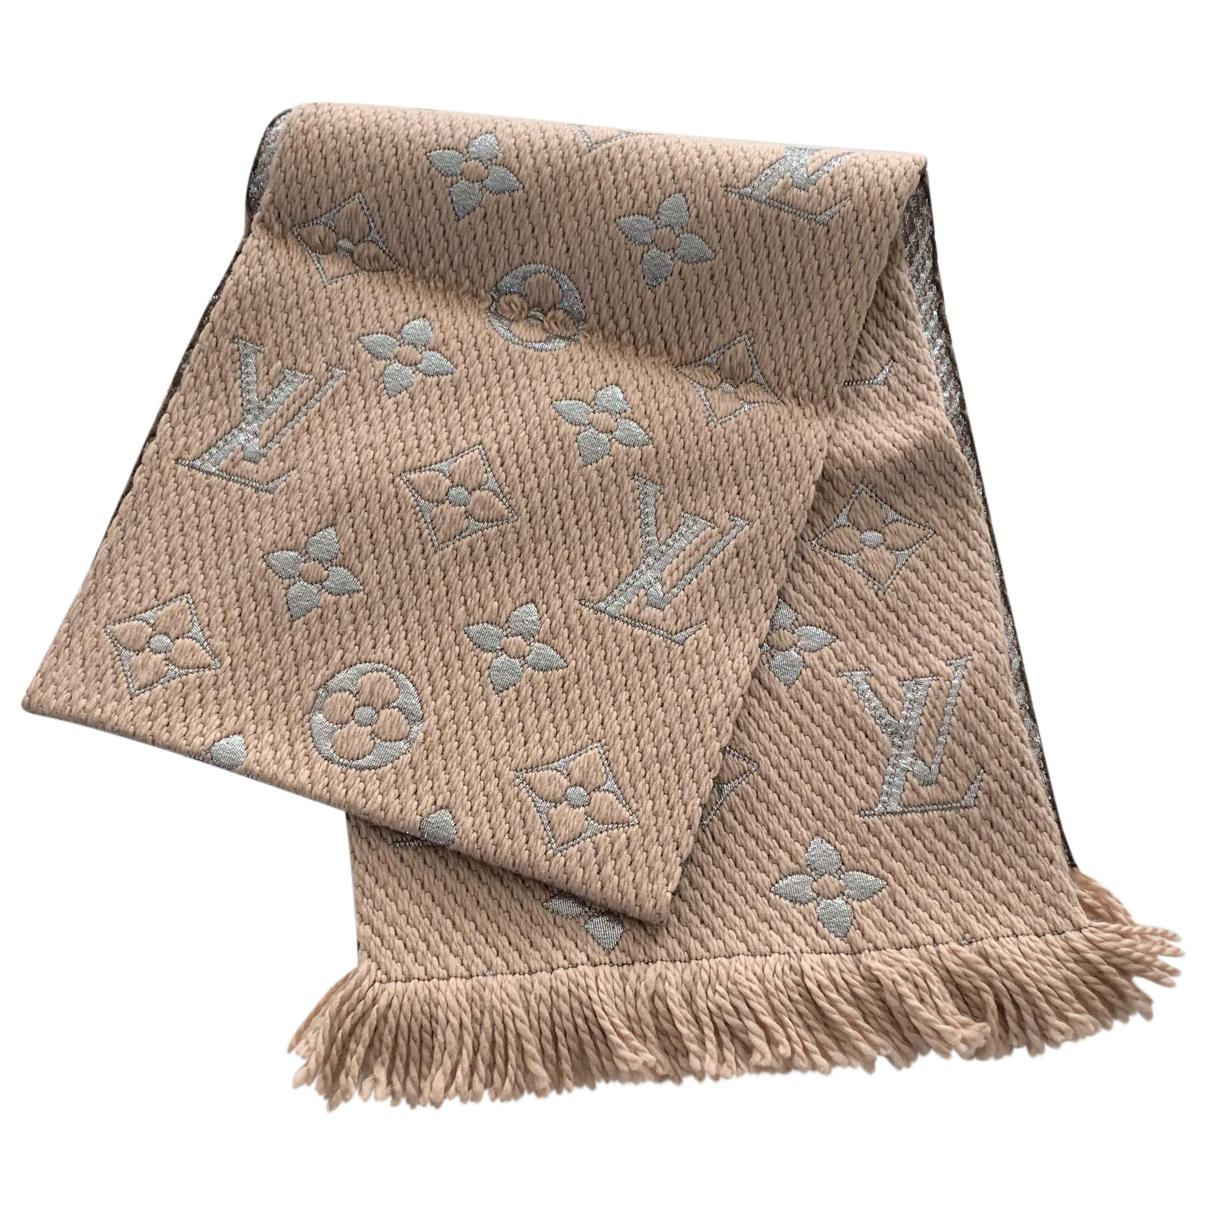 Louis Vuitton - Foulard Logomania pour femme en laine - beige